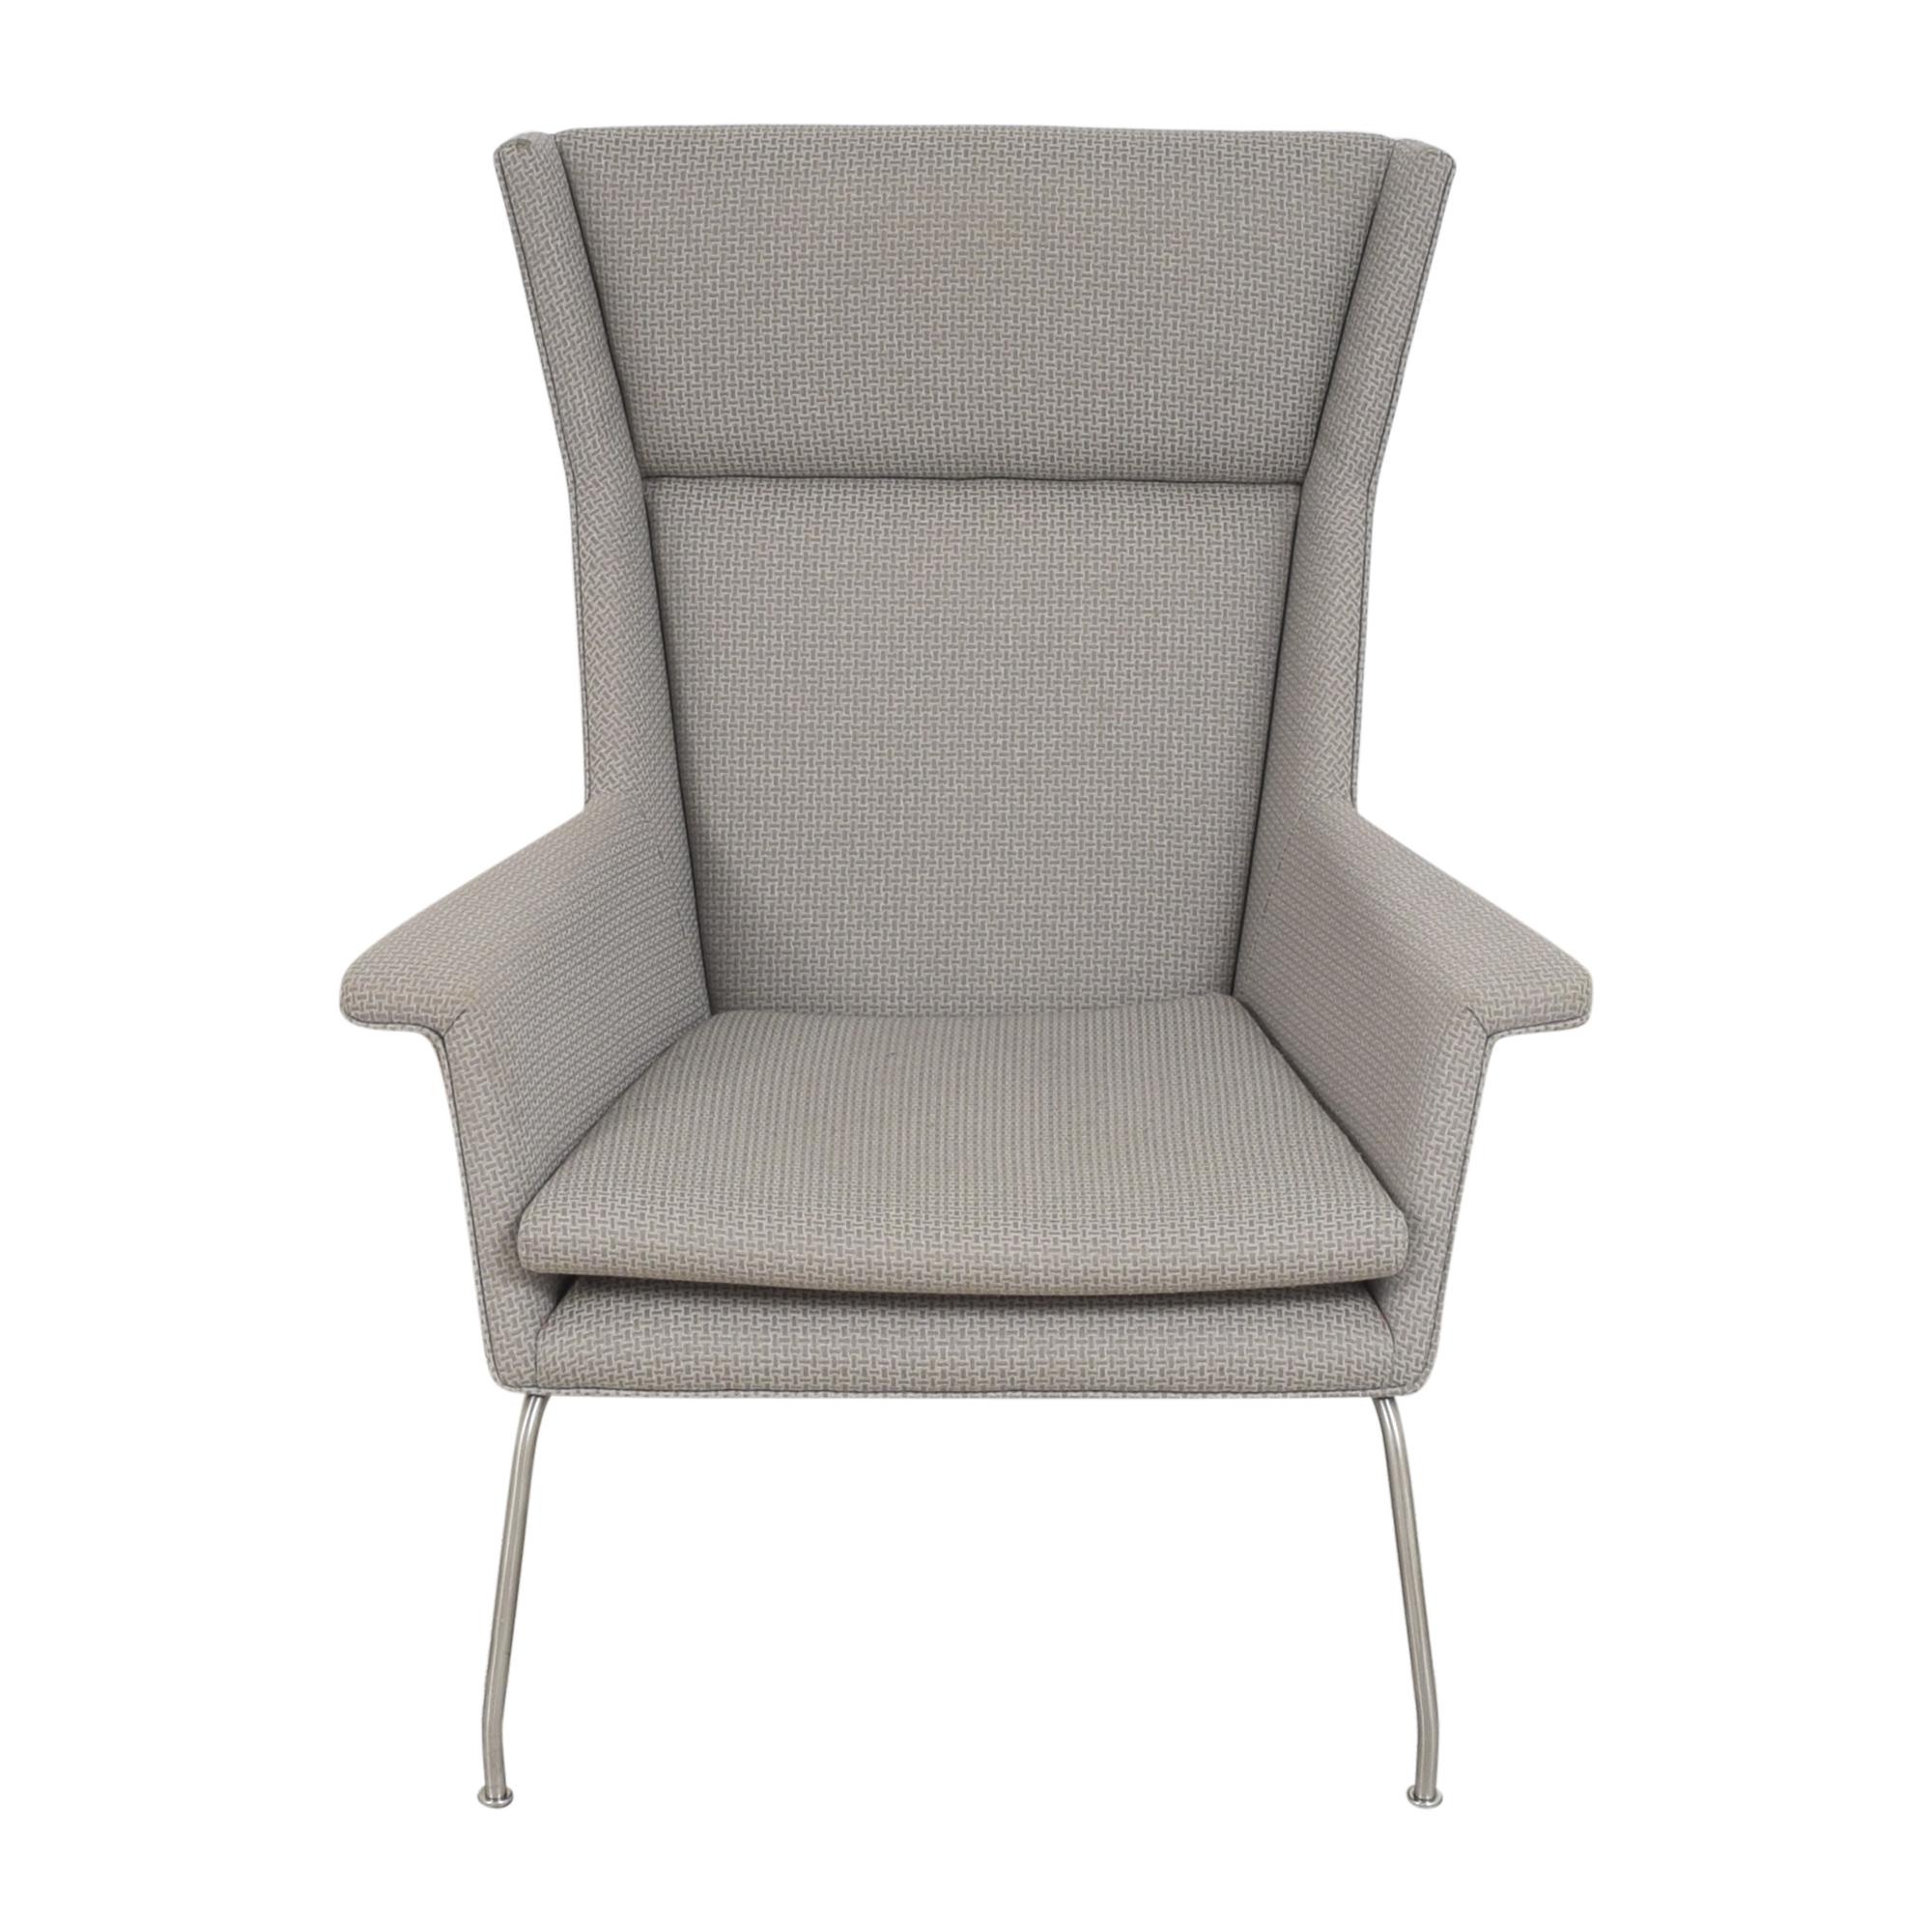 Room & Board Room & Board Aidan Chair used